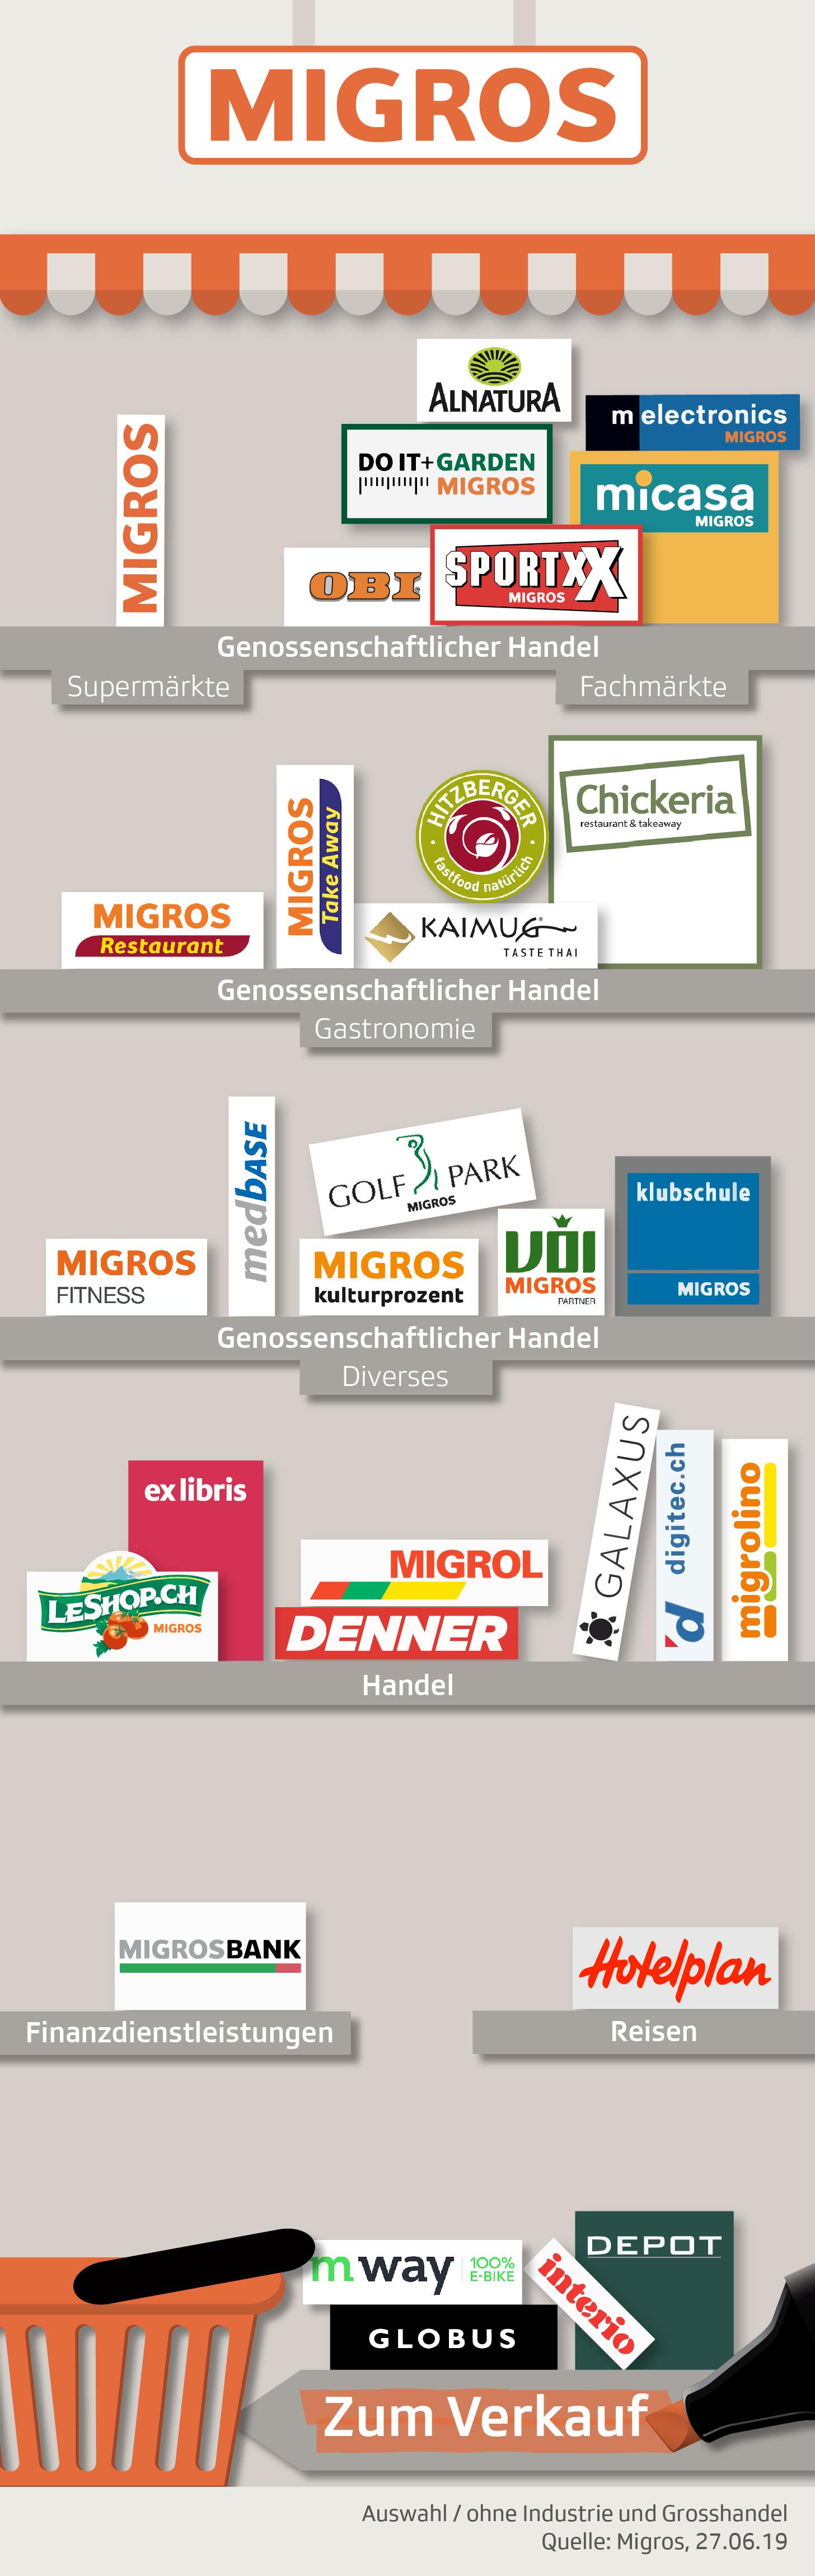 Unternehmen Migros